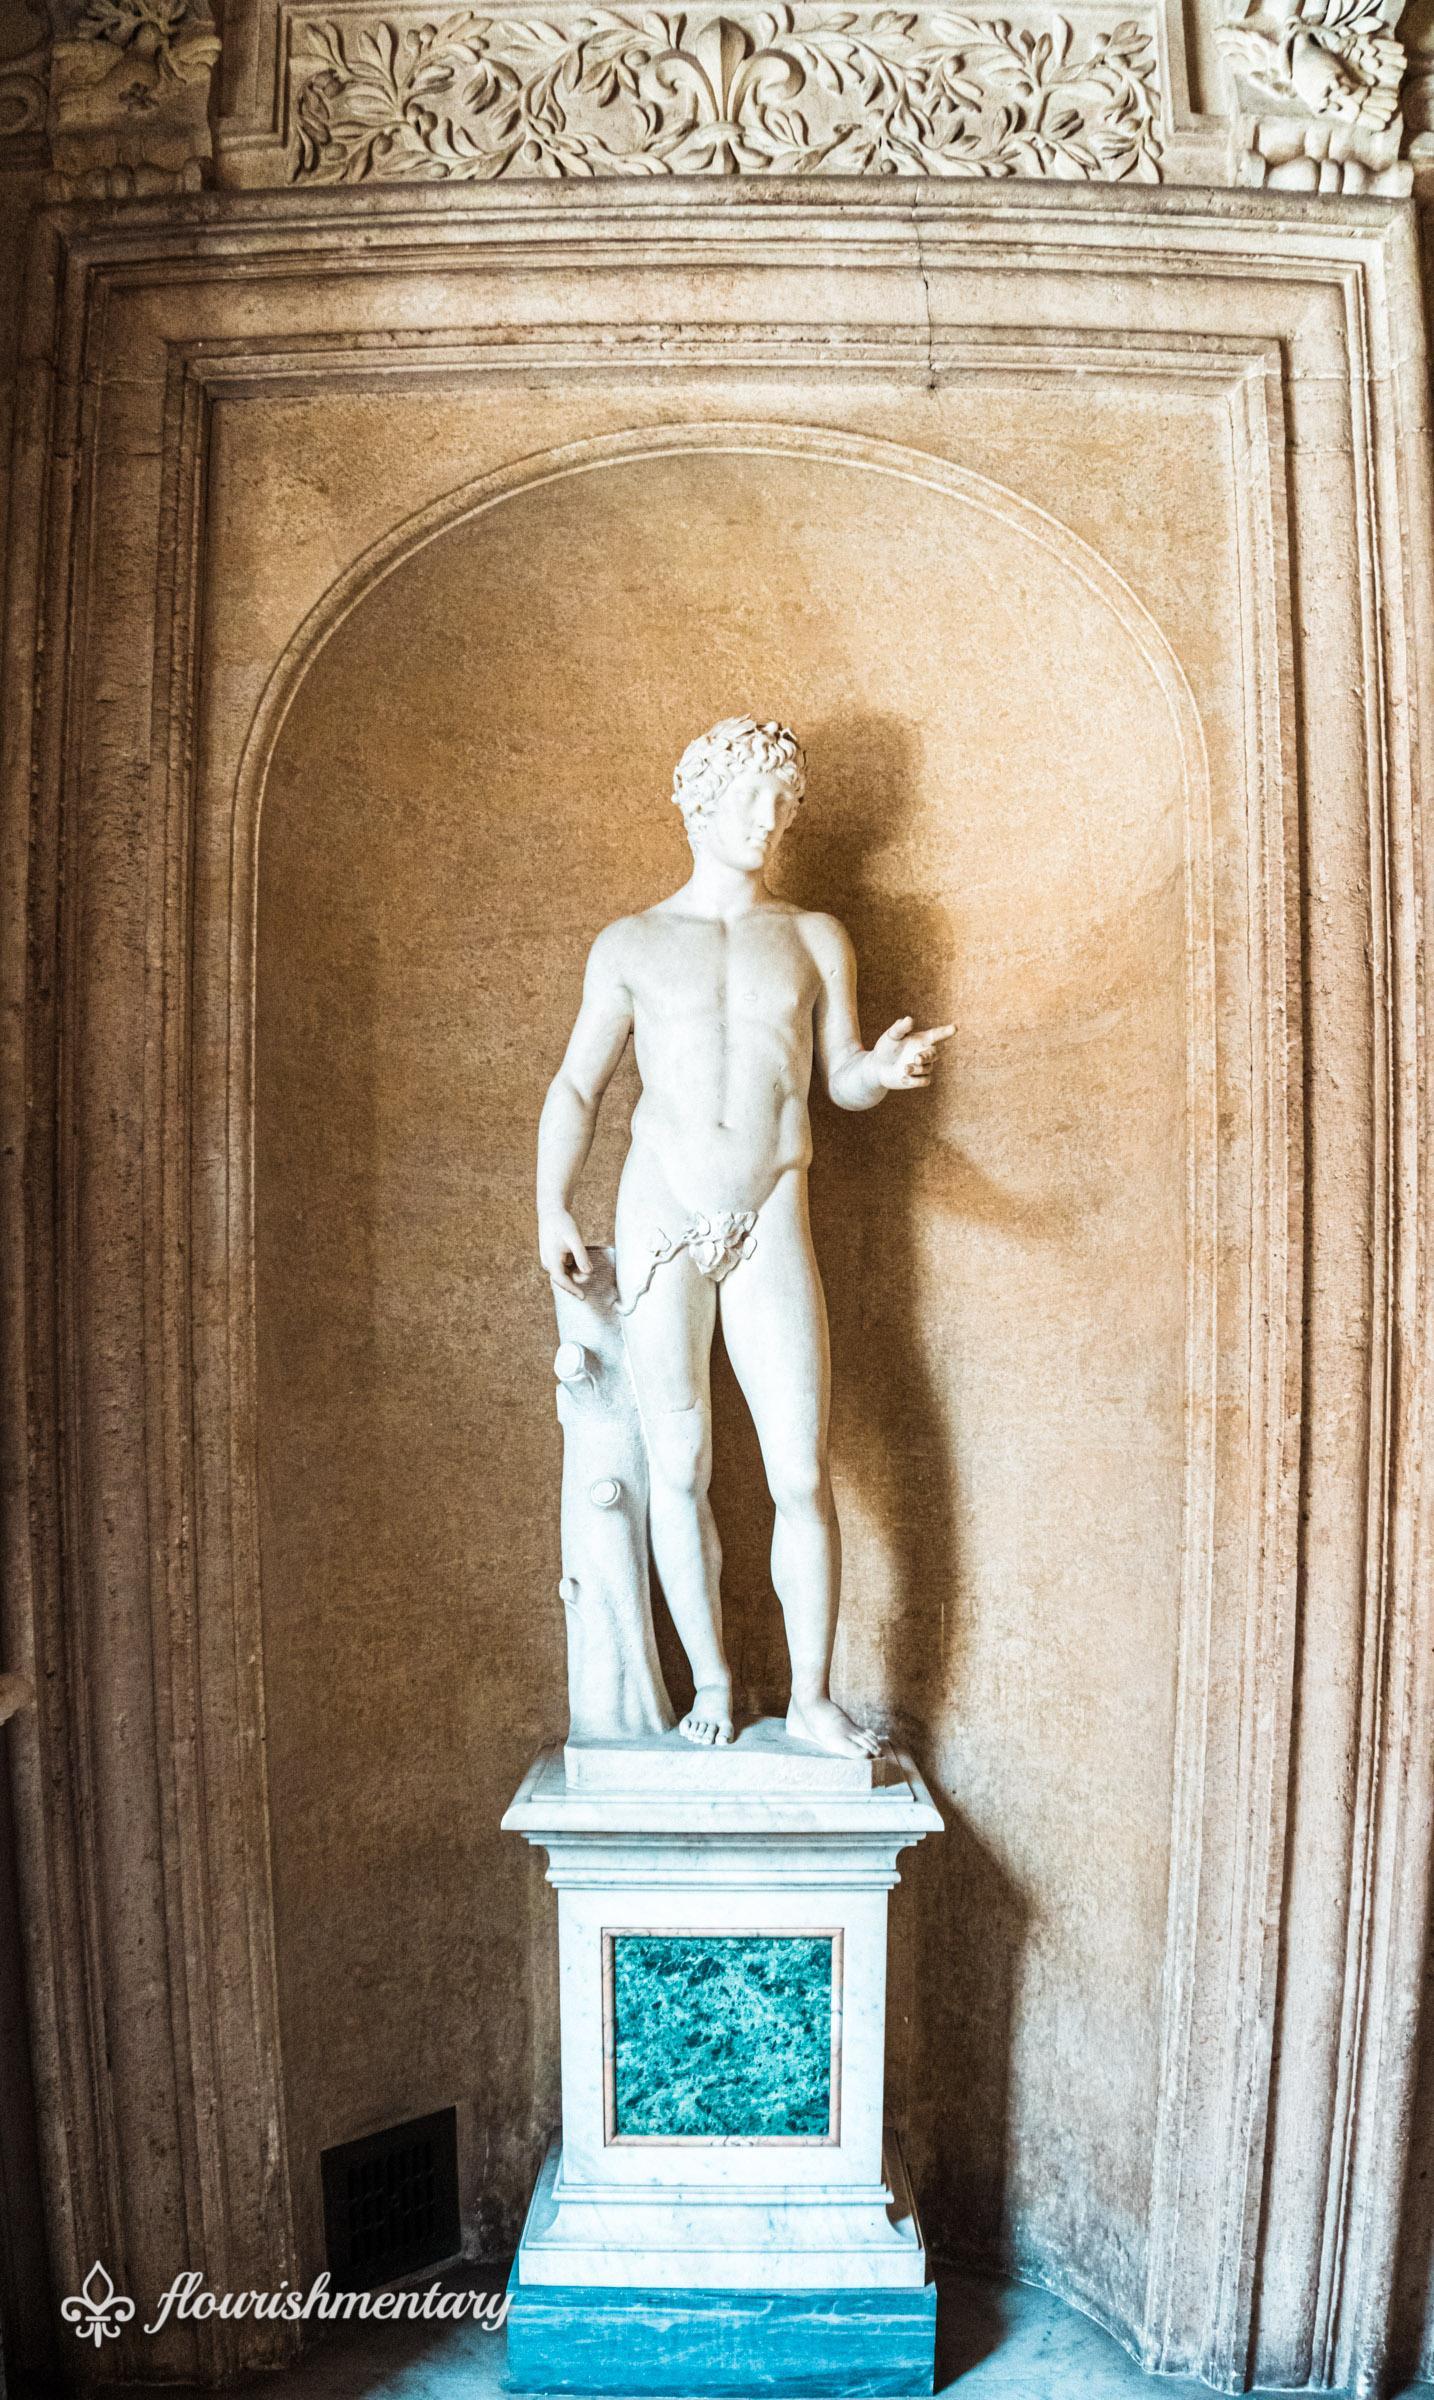 Galleria Doria Pamphilj statue